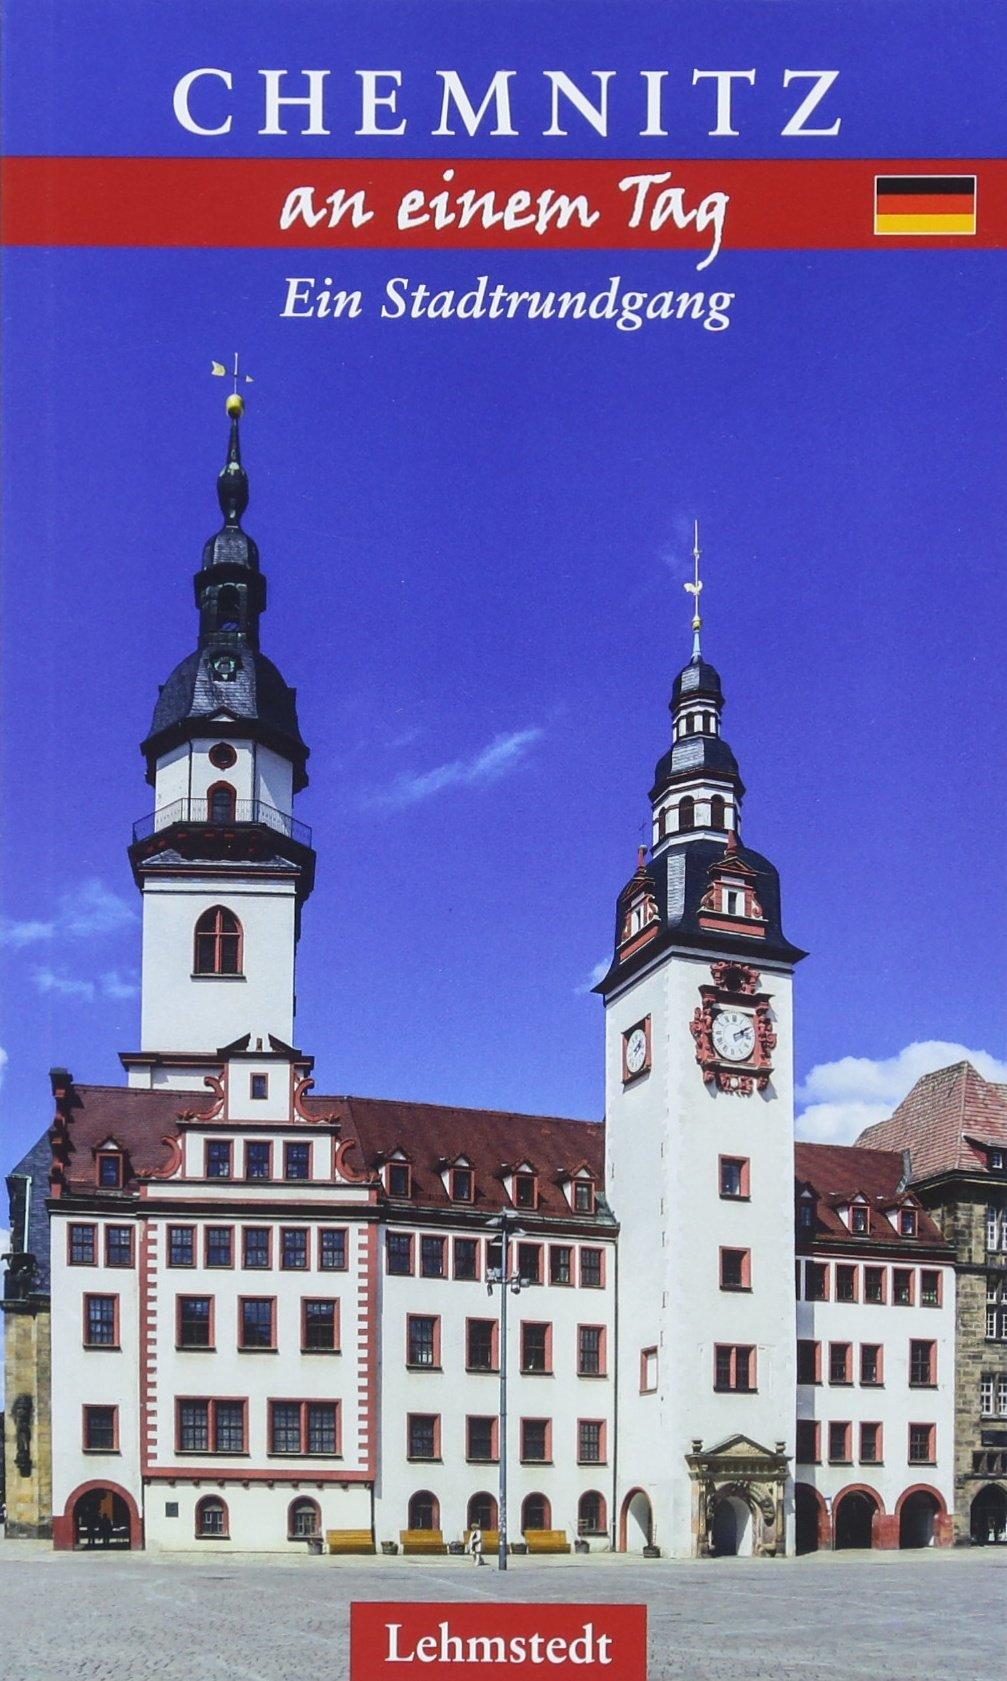 Chemnitz an einem Tag: Ein Stadtrundgang